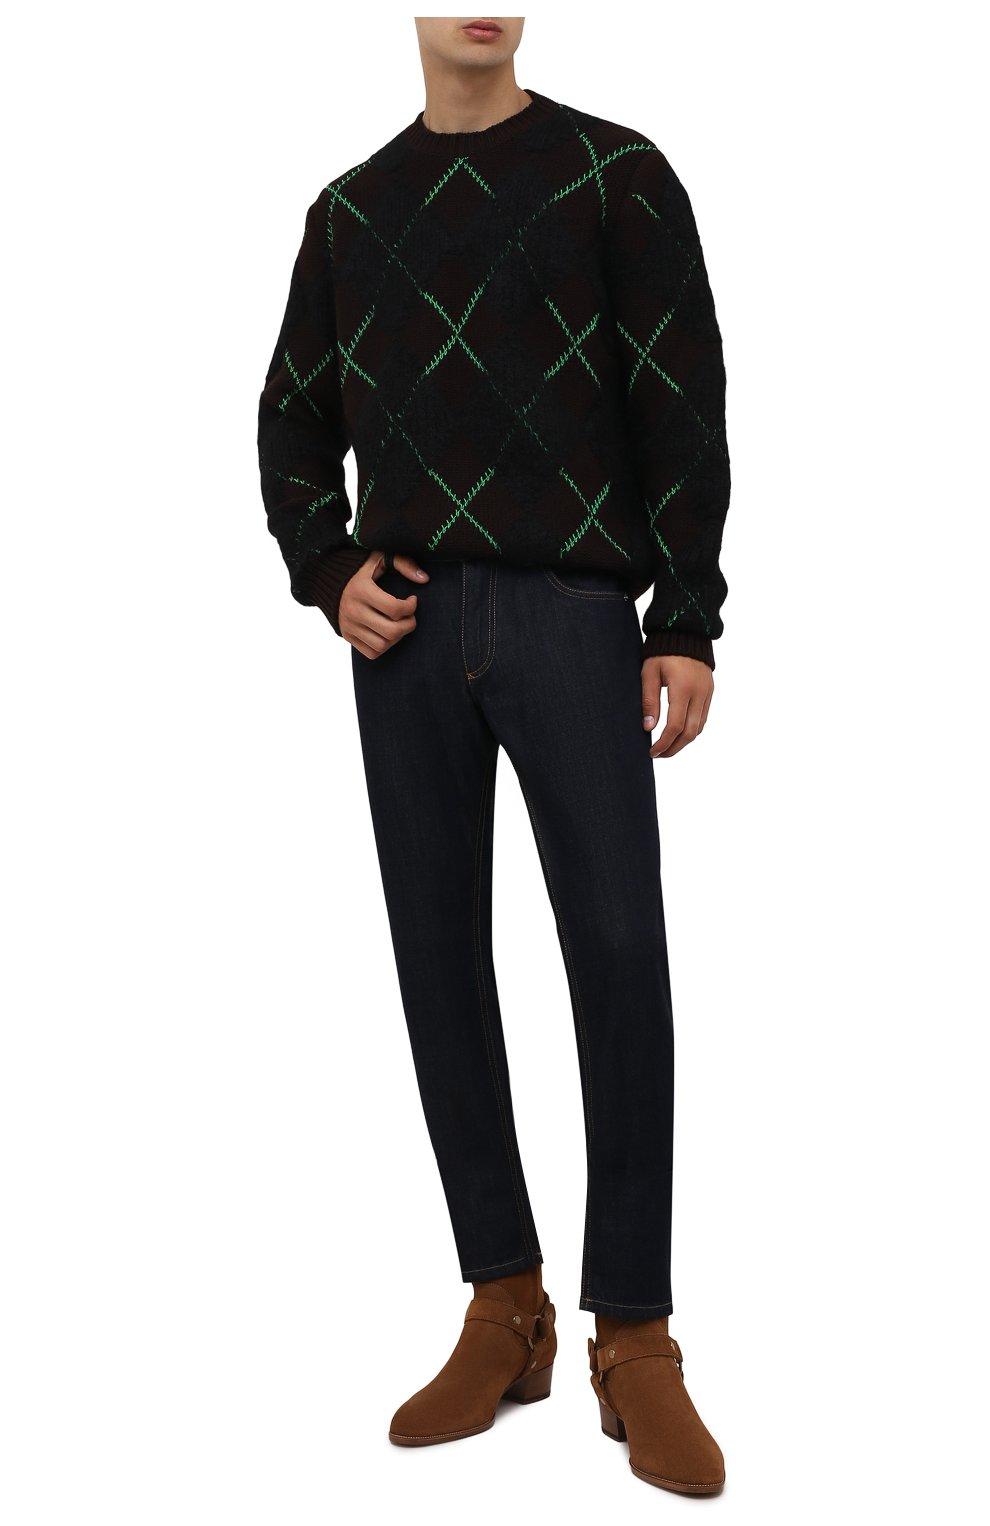 Мужские замшевые сапоги wyatt SAINT LAURENT светло-коричневого цвета, арт. 443190/BPN00 | Фото 2 (Материал внутренний: Натуральная кожа; Мужское Кросс-КТ: Казаки-обувь, Сапоги-обувь; Подошва: Плоская; Материал внешний: Замша)